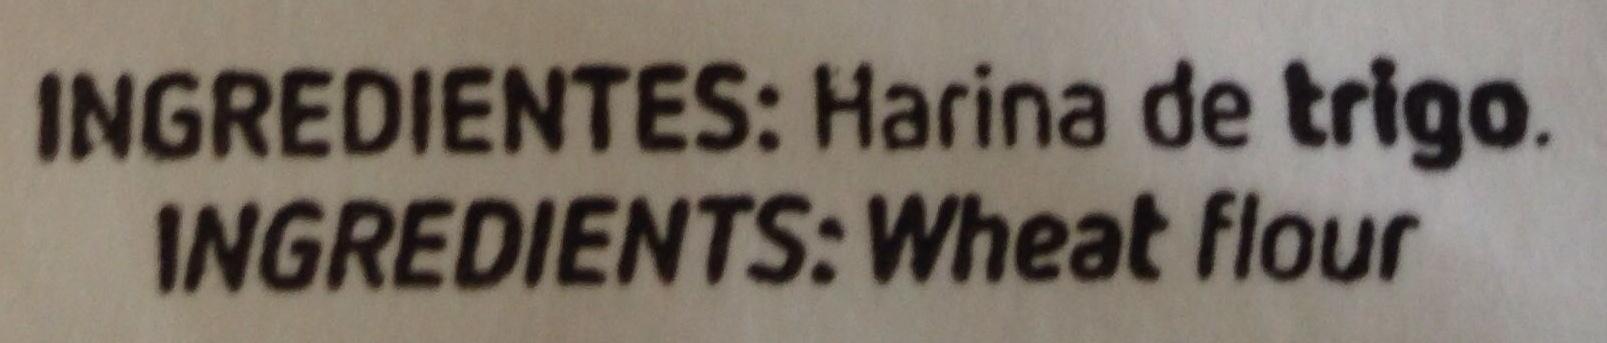 Harina de trigo - Ingredientes